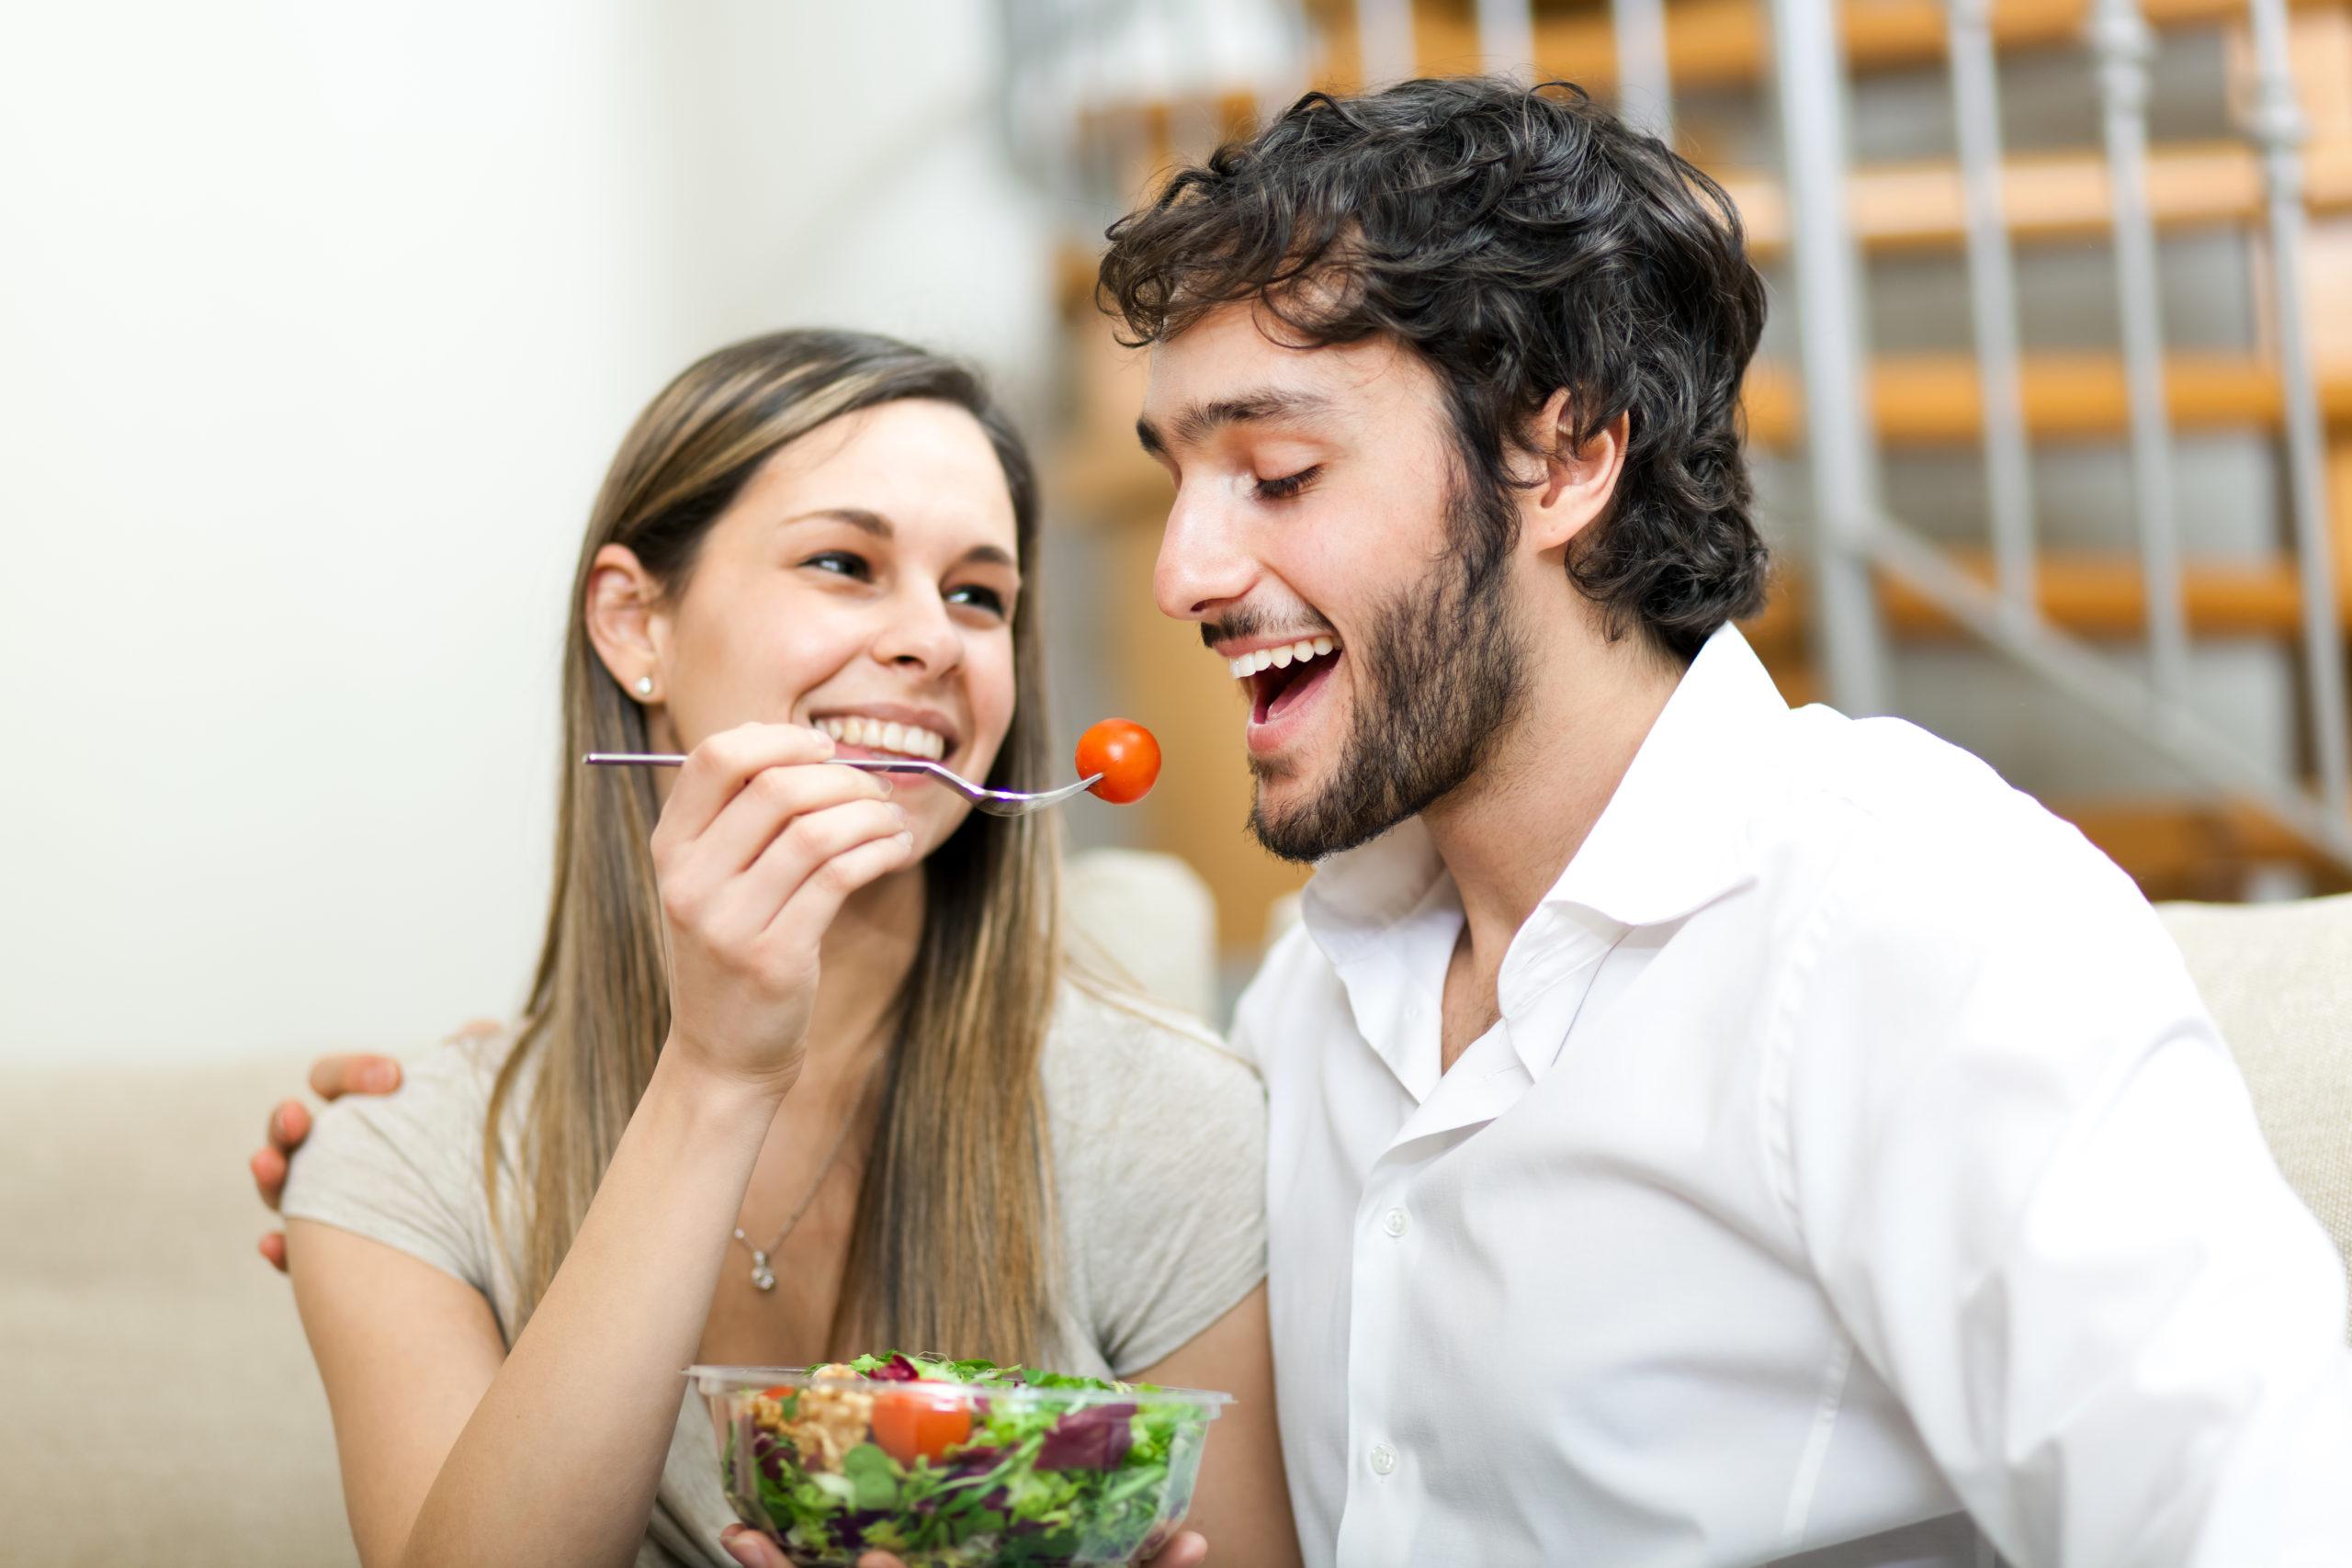 男性に食べ物を食べさせる女性の画像です